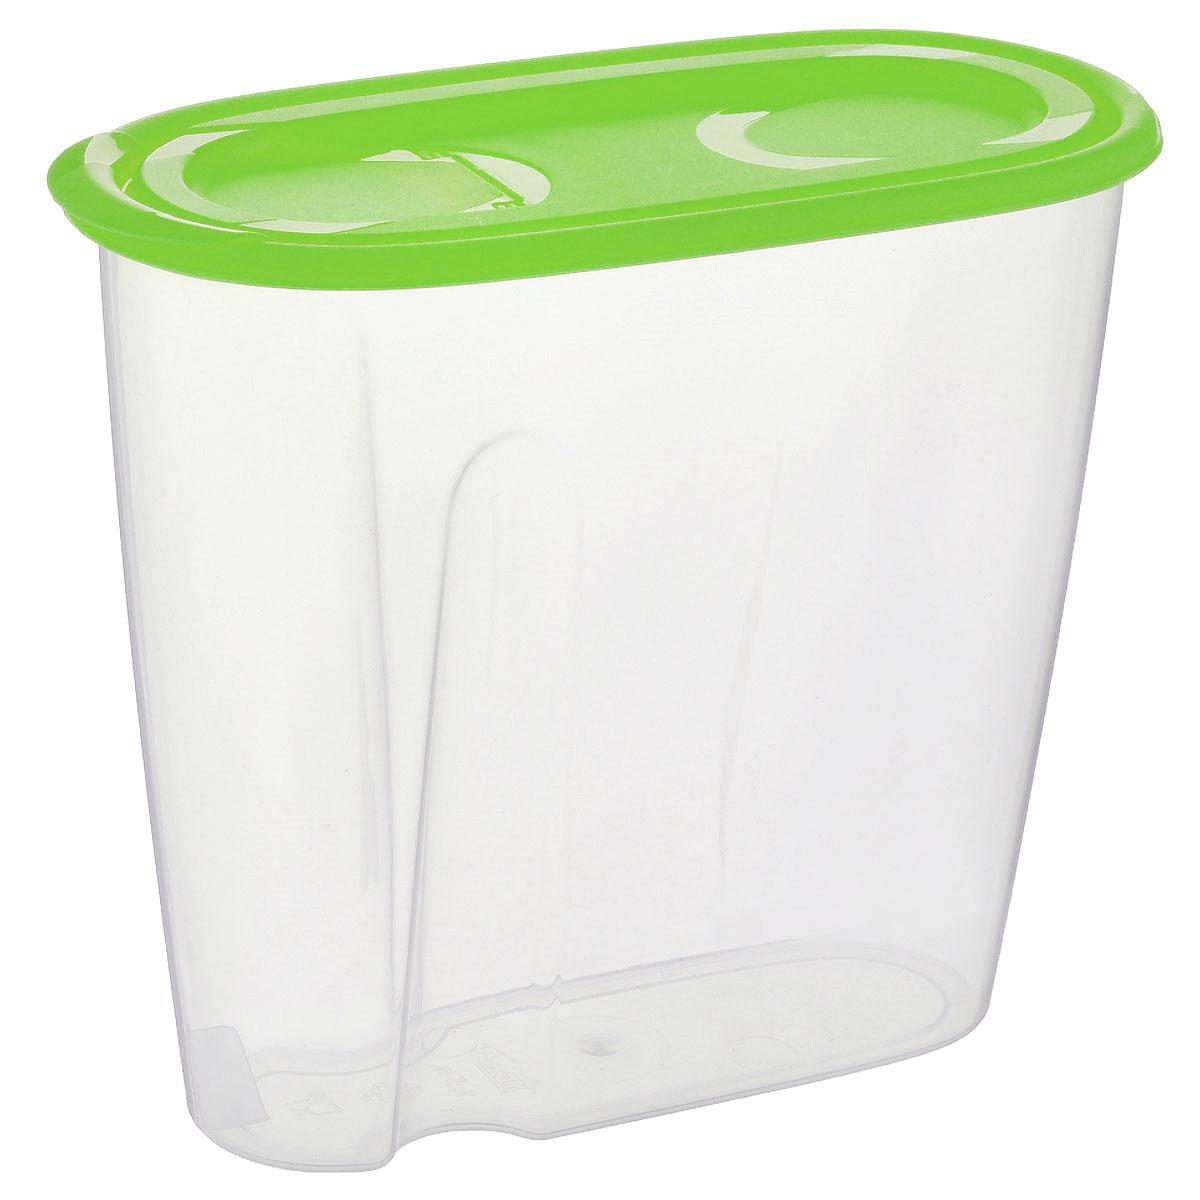 Емкость для сыпучих продуктов Idea, цвет: прозрачный, салатовый, 1,5 лFD 992Емкость Idea выполнена из пищевого полипропилена и предназначена для хранения сыпучих продуктов, в том числе с ярко выраженным запахом (чай, кофе, специи). Не содержит Бисфенол A. Изделие оснащено плотно закрывающейся крышкой, благодаря которой продукты не выдыхаются и дольше остаются свежими. Овальная форма и специальные углубления помогают комфортно удерживать емкость в руке.